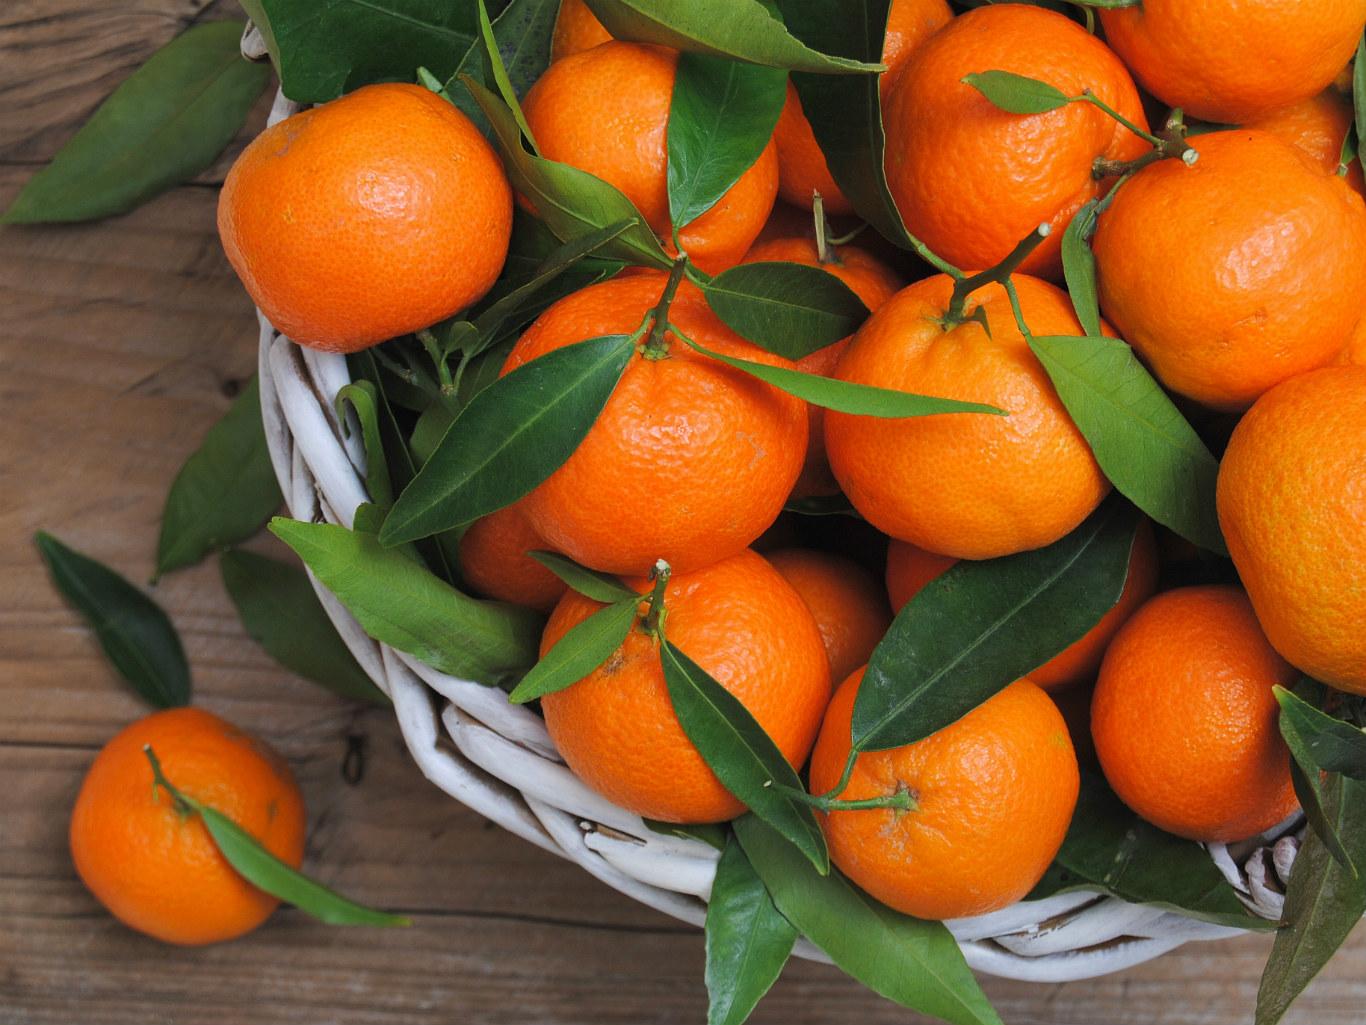 Яркий витамин: как цитрусовые влияют на наш организм — фото 5